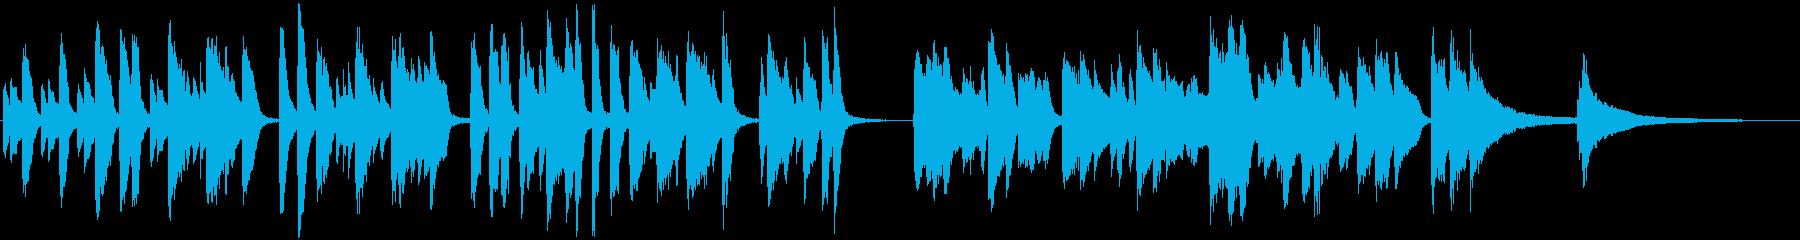 軽快ラグピアノ 映像シーン ウキウキ感の再生済みの波形